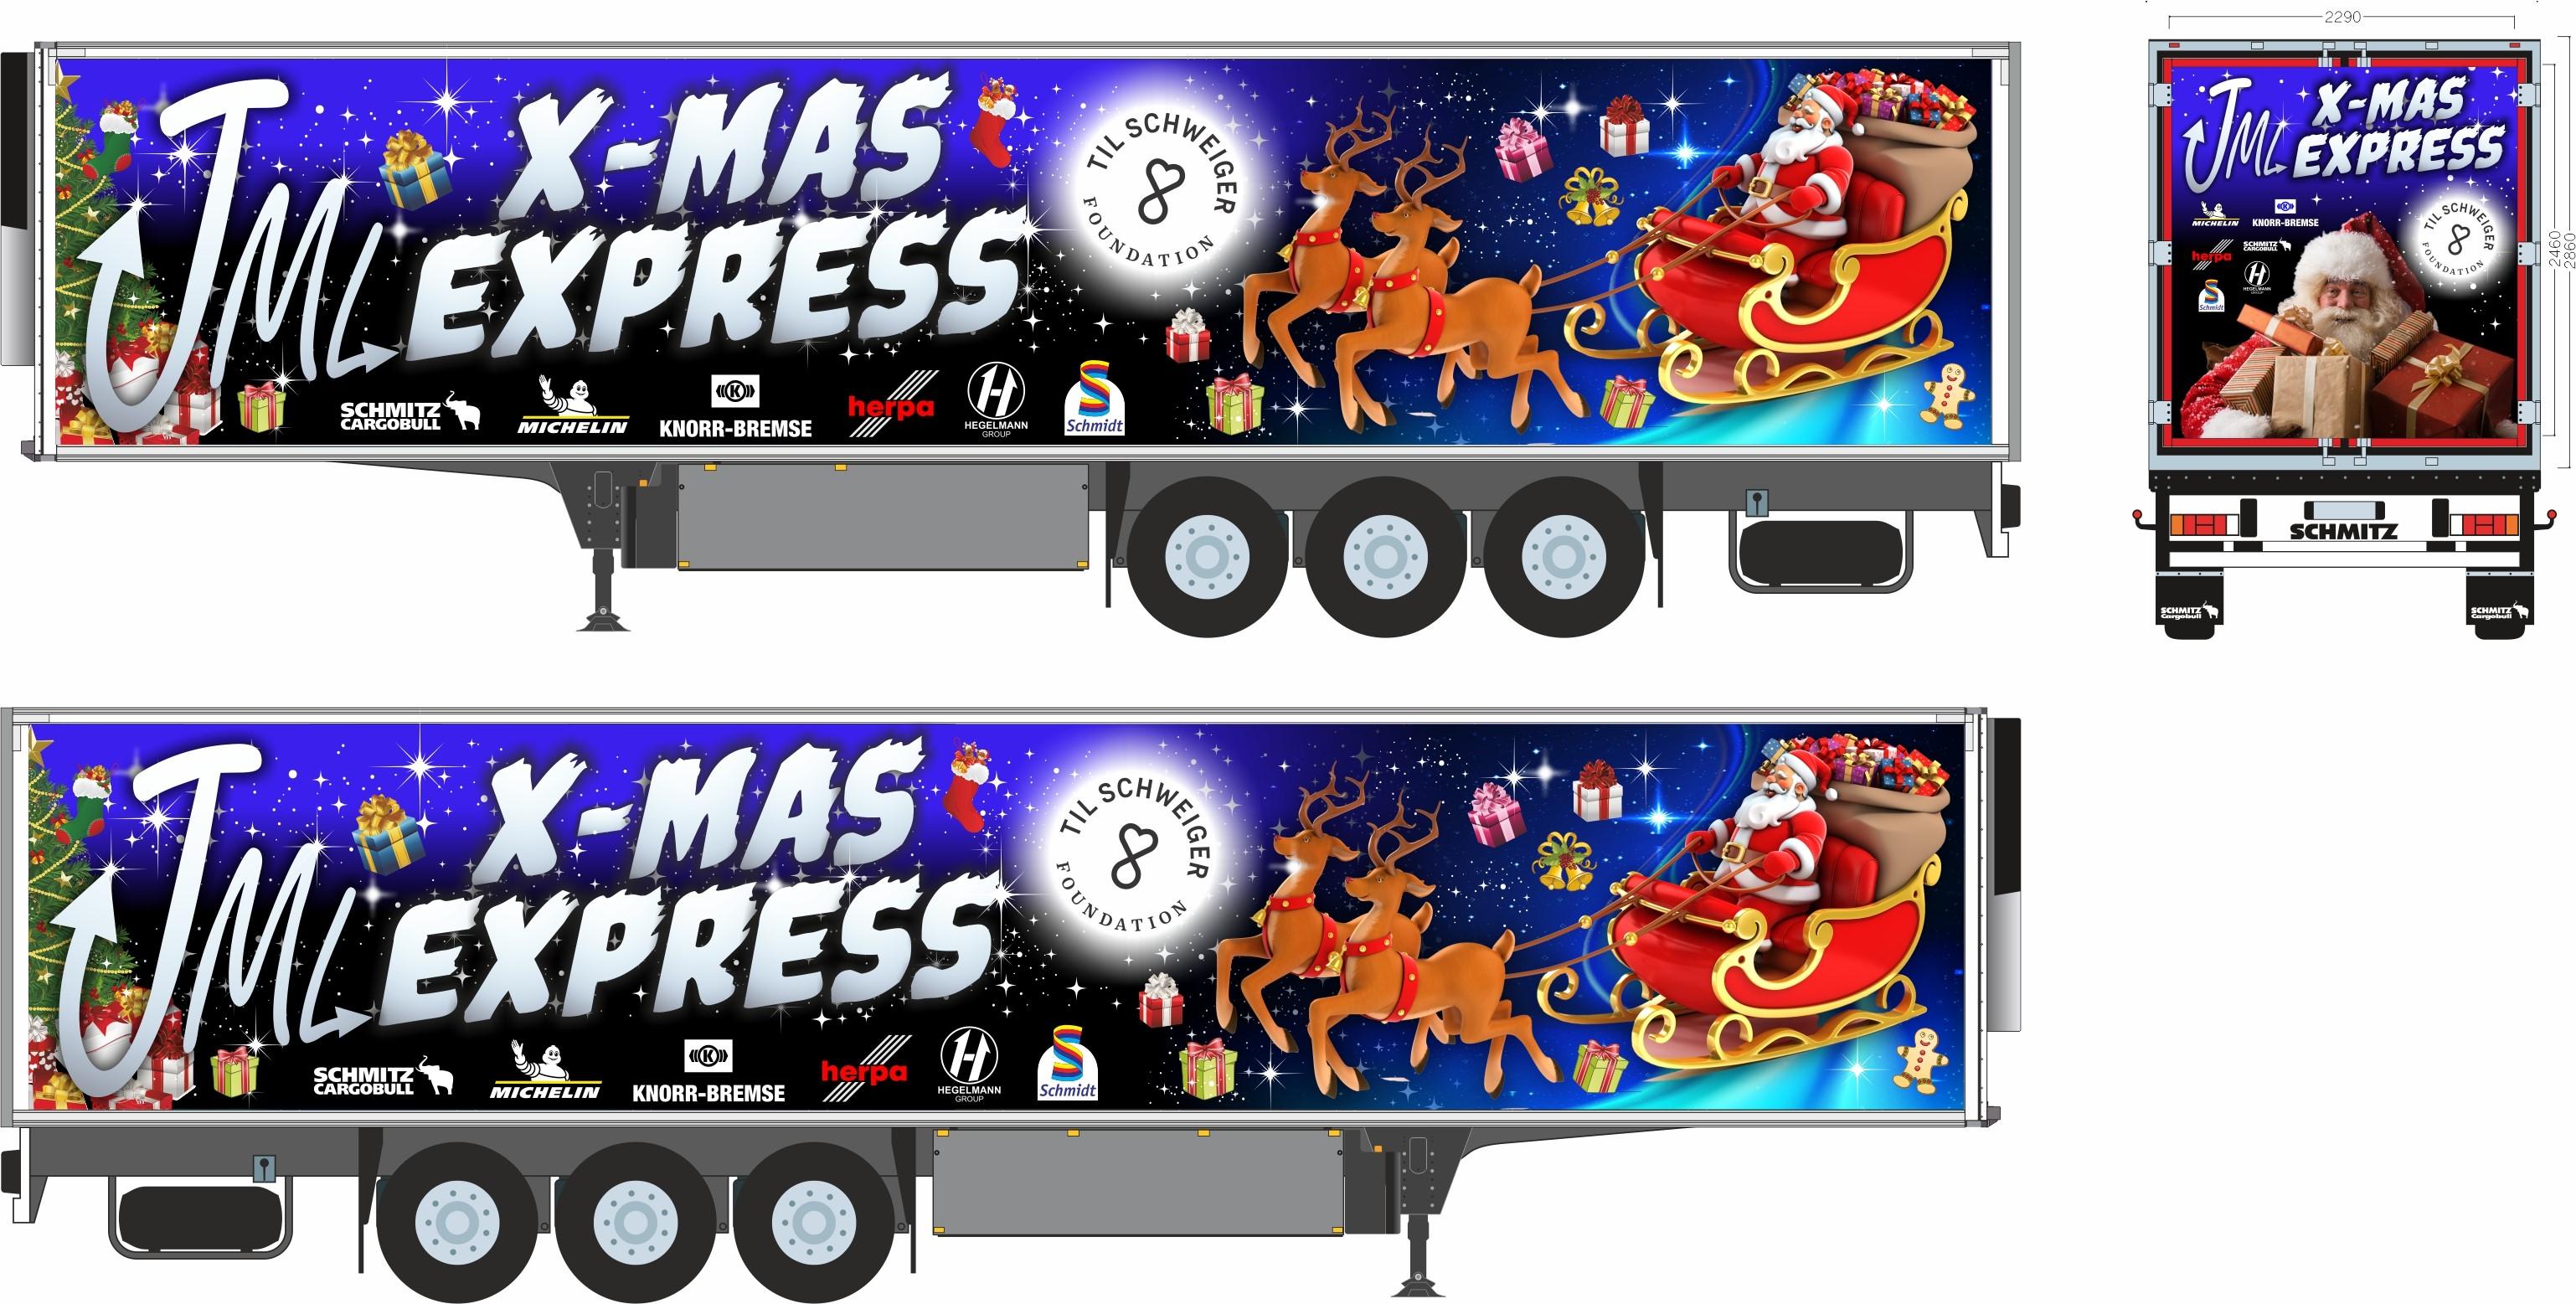 X-MAS Express